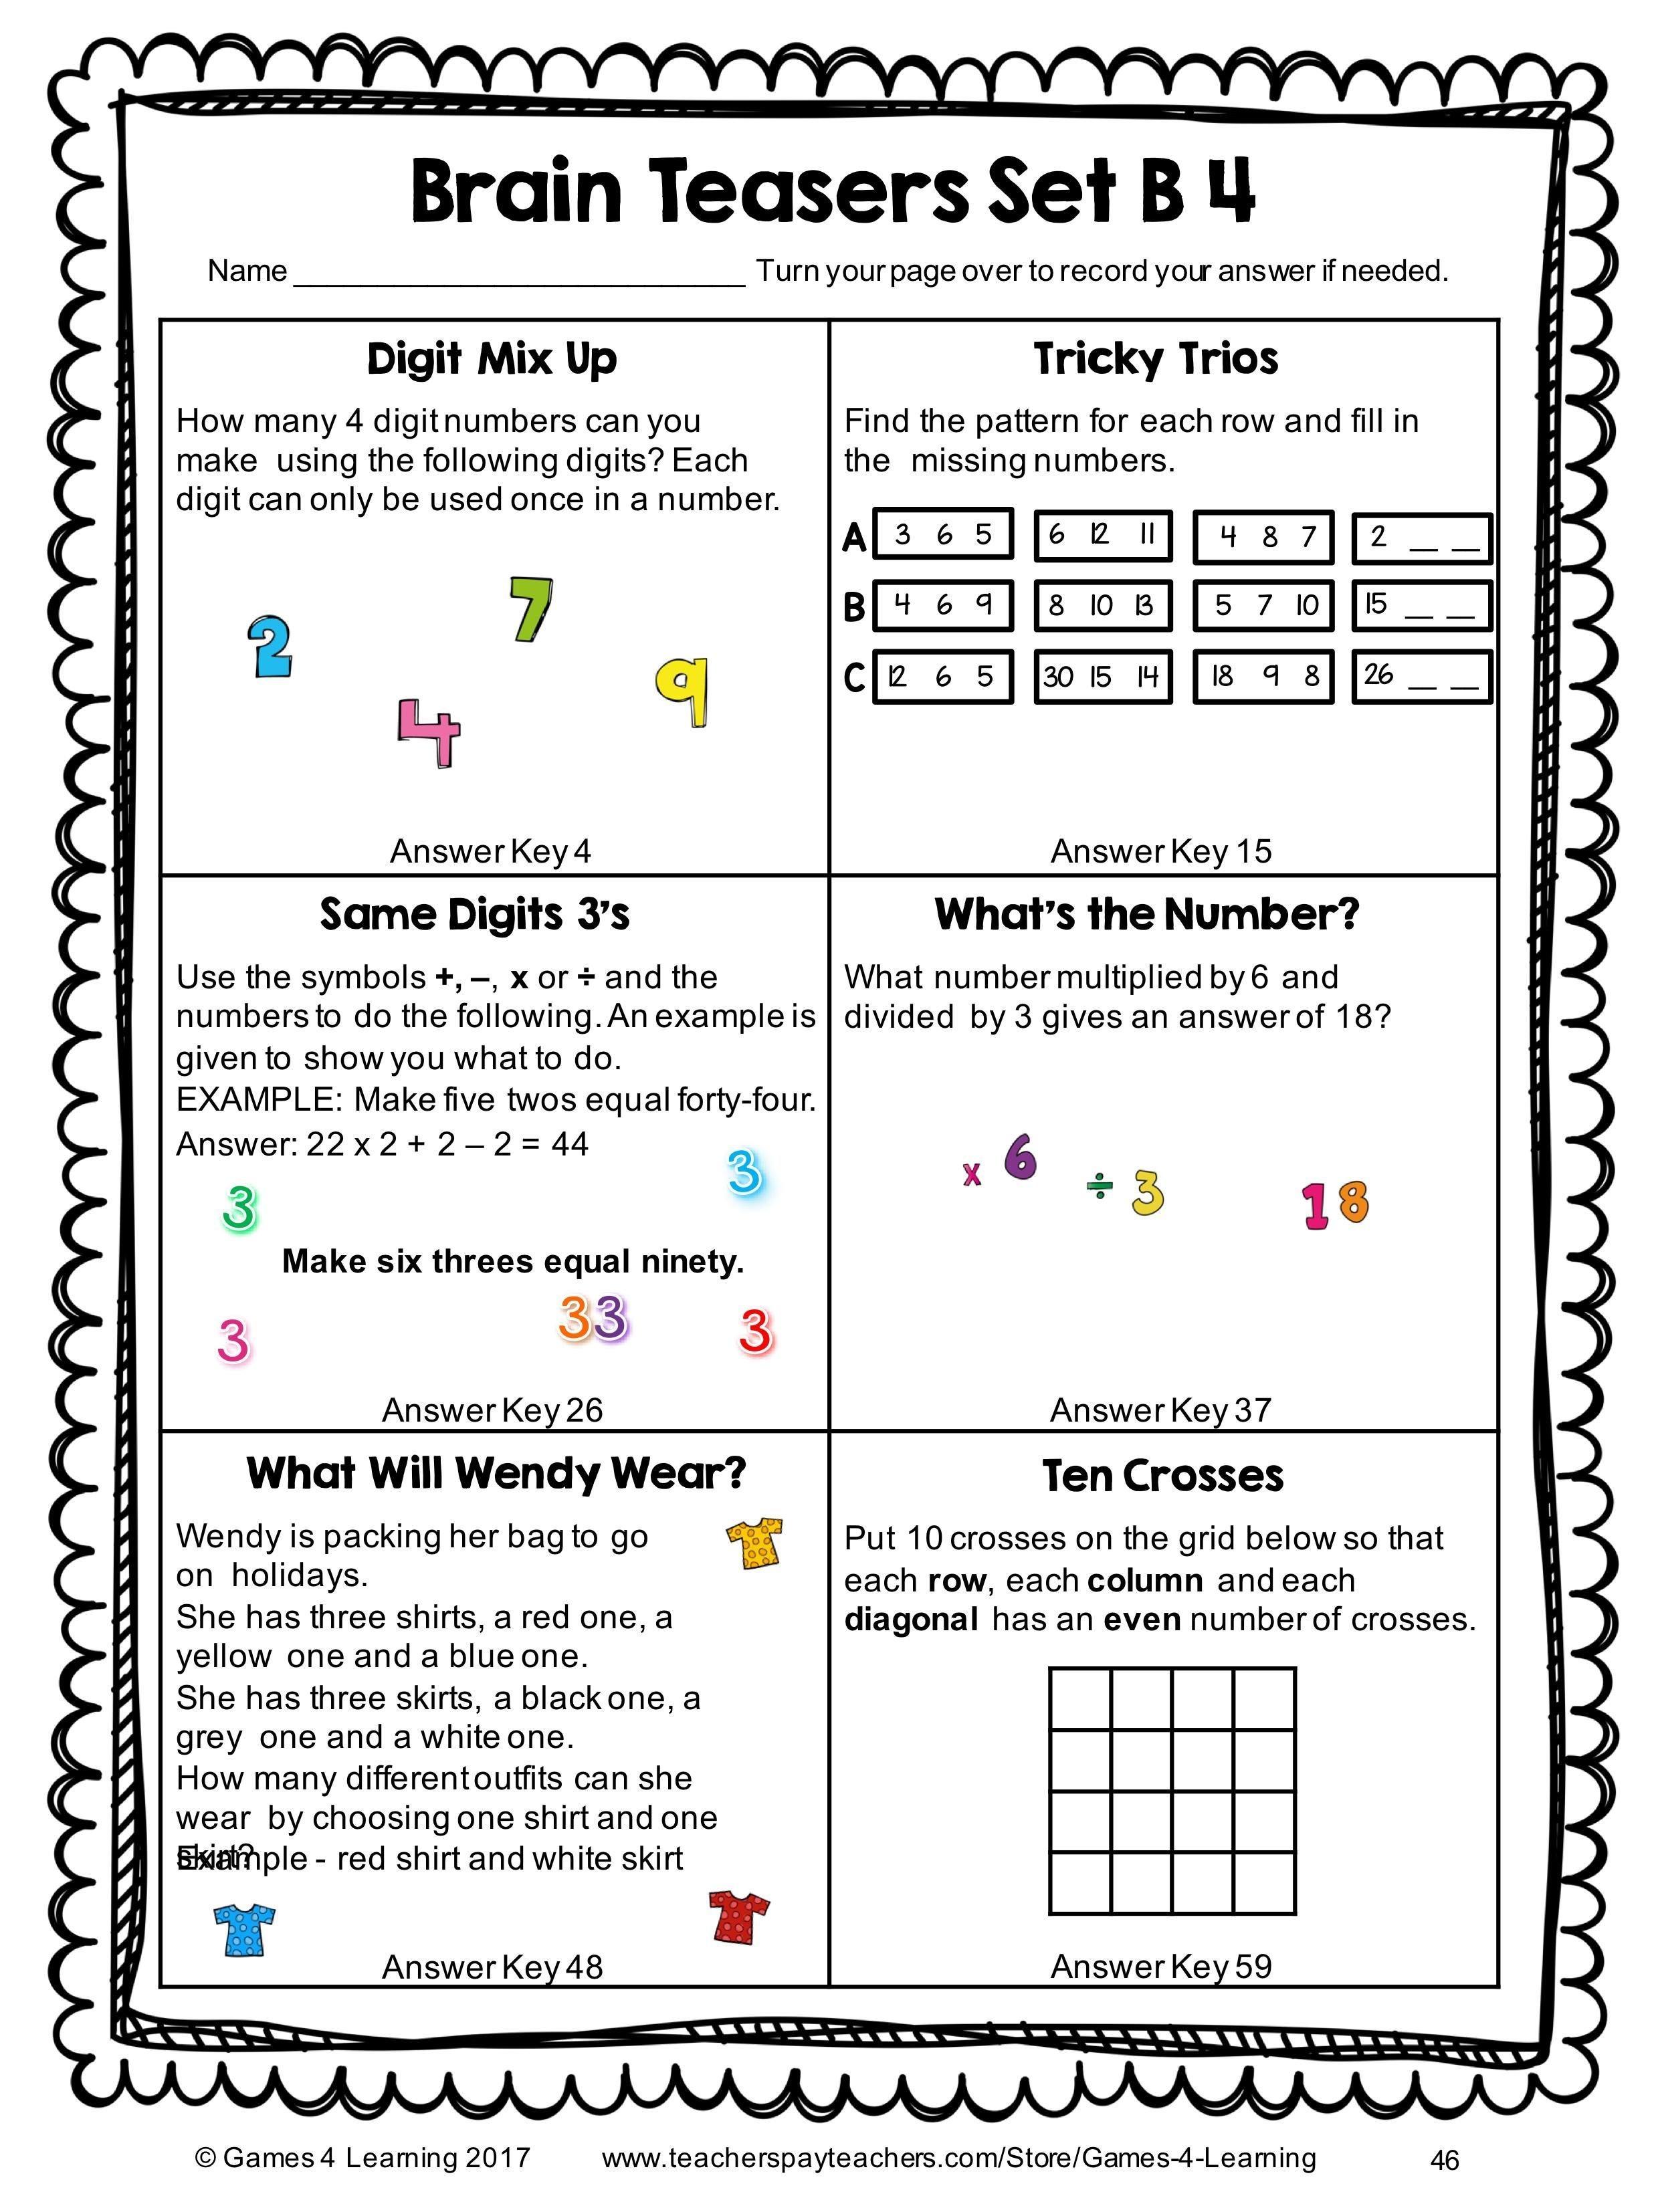 Worksheet Brain Teasers Worksheets Printable Brain Teaser Together With Brain Teasers Worksheets Pdf